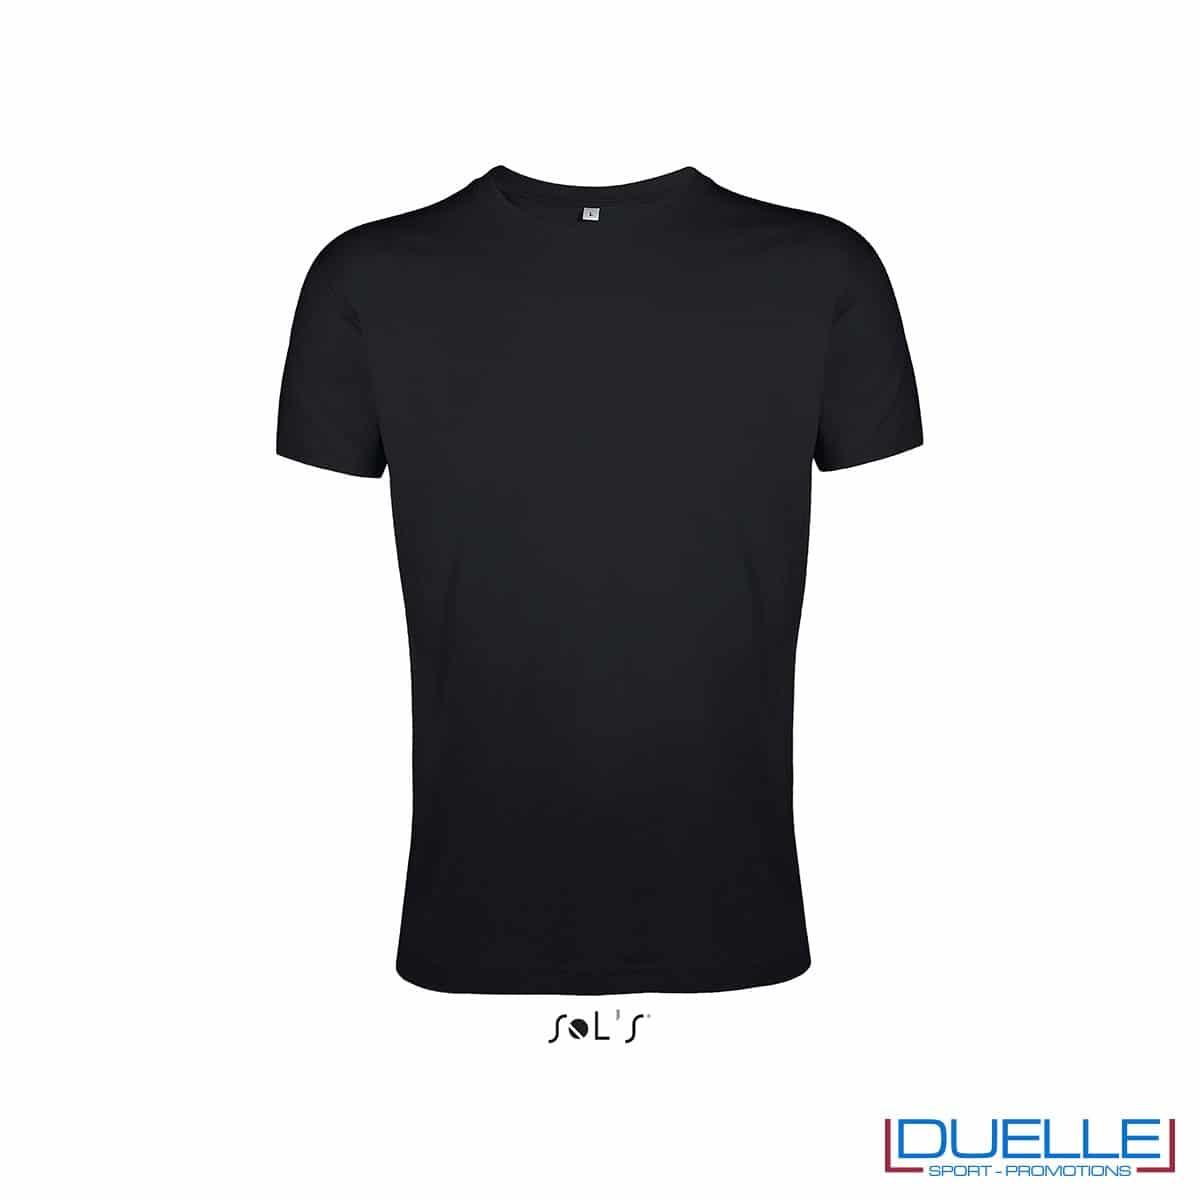 Maglietta uomo personalizzata slim-fit girocollo colore nero